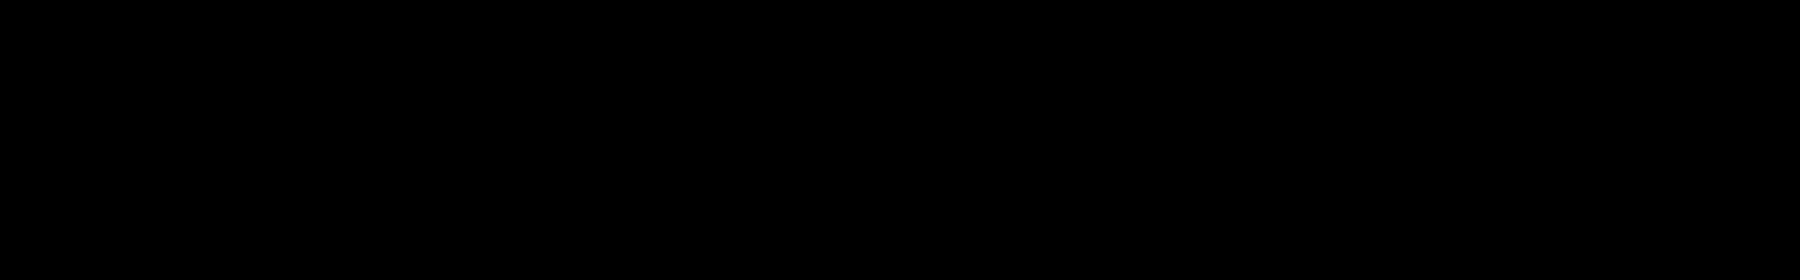 Moombahton Drops audio waveform